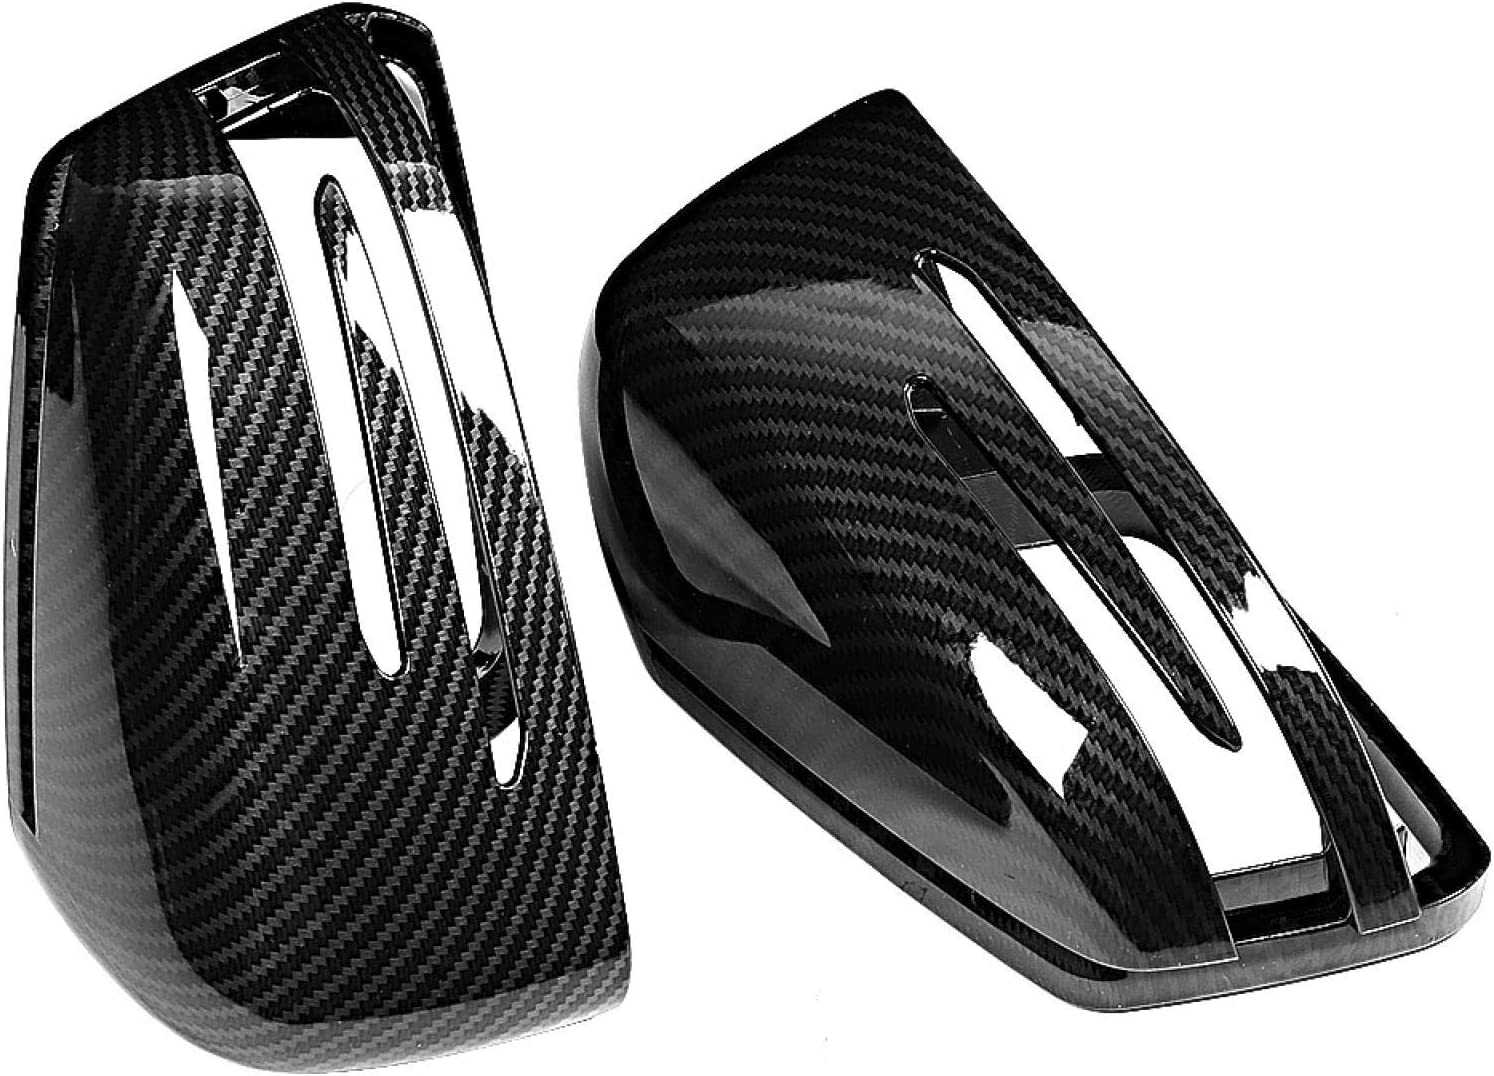 cubierta de espejo retrovisor para Benz Clase A W176 2012-2017 2 piezas de fibra de carbono con textura de fibra de carbono Cubierta de espejo retrovisor